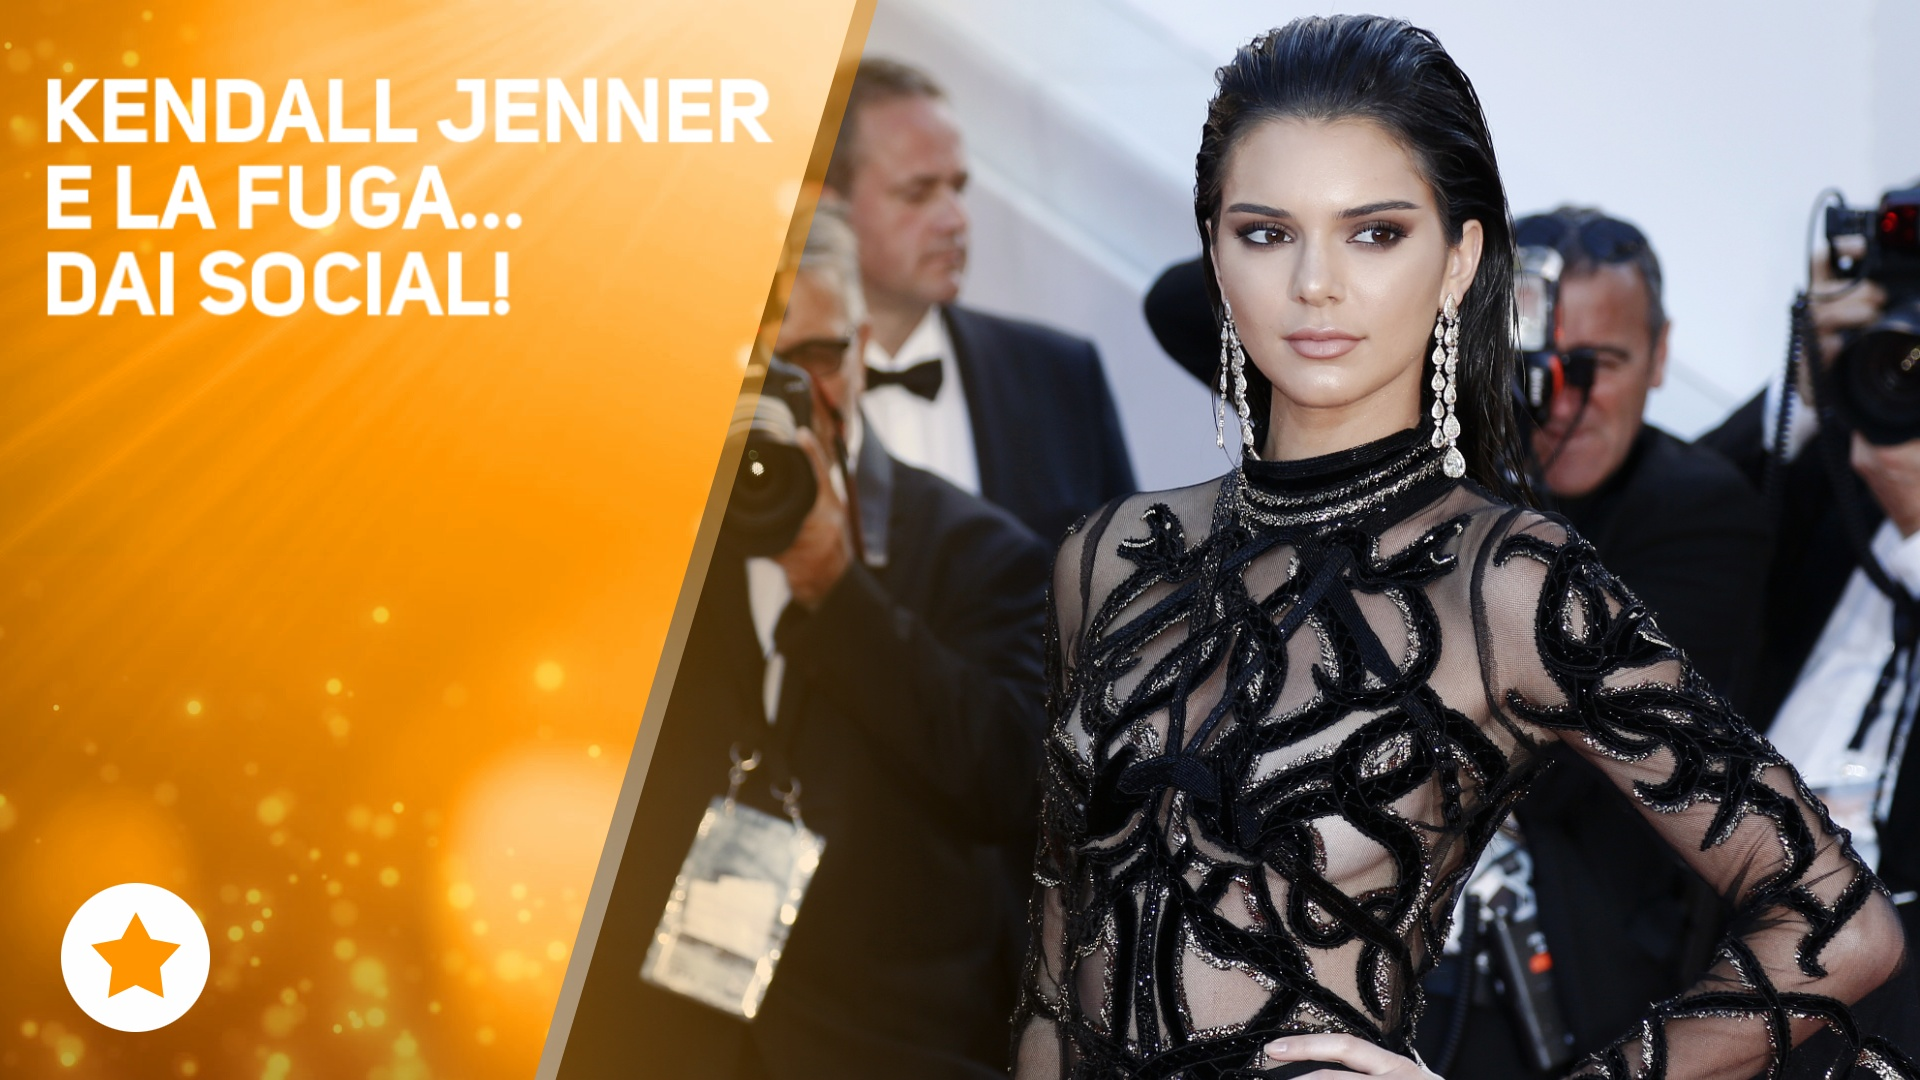 Allarme! Kendall Jenner e' scomparsa da Instagram